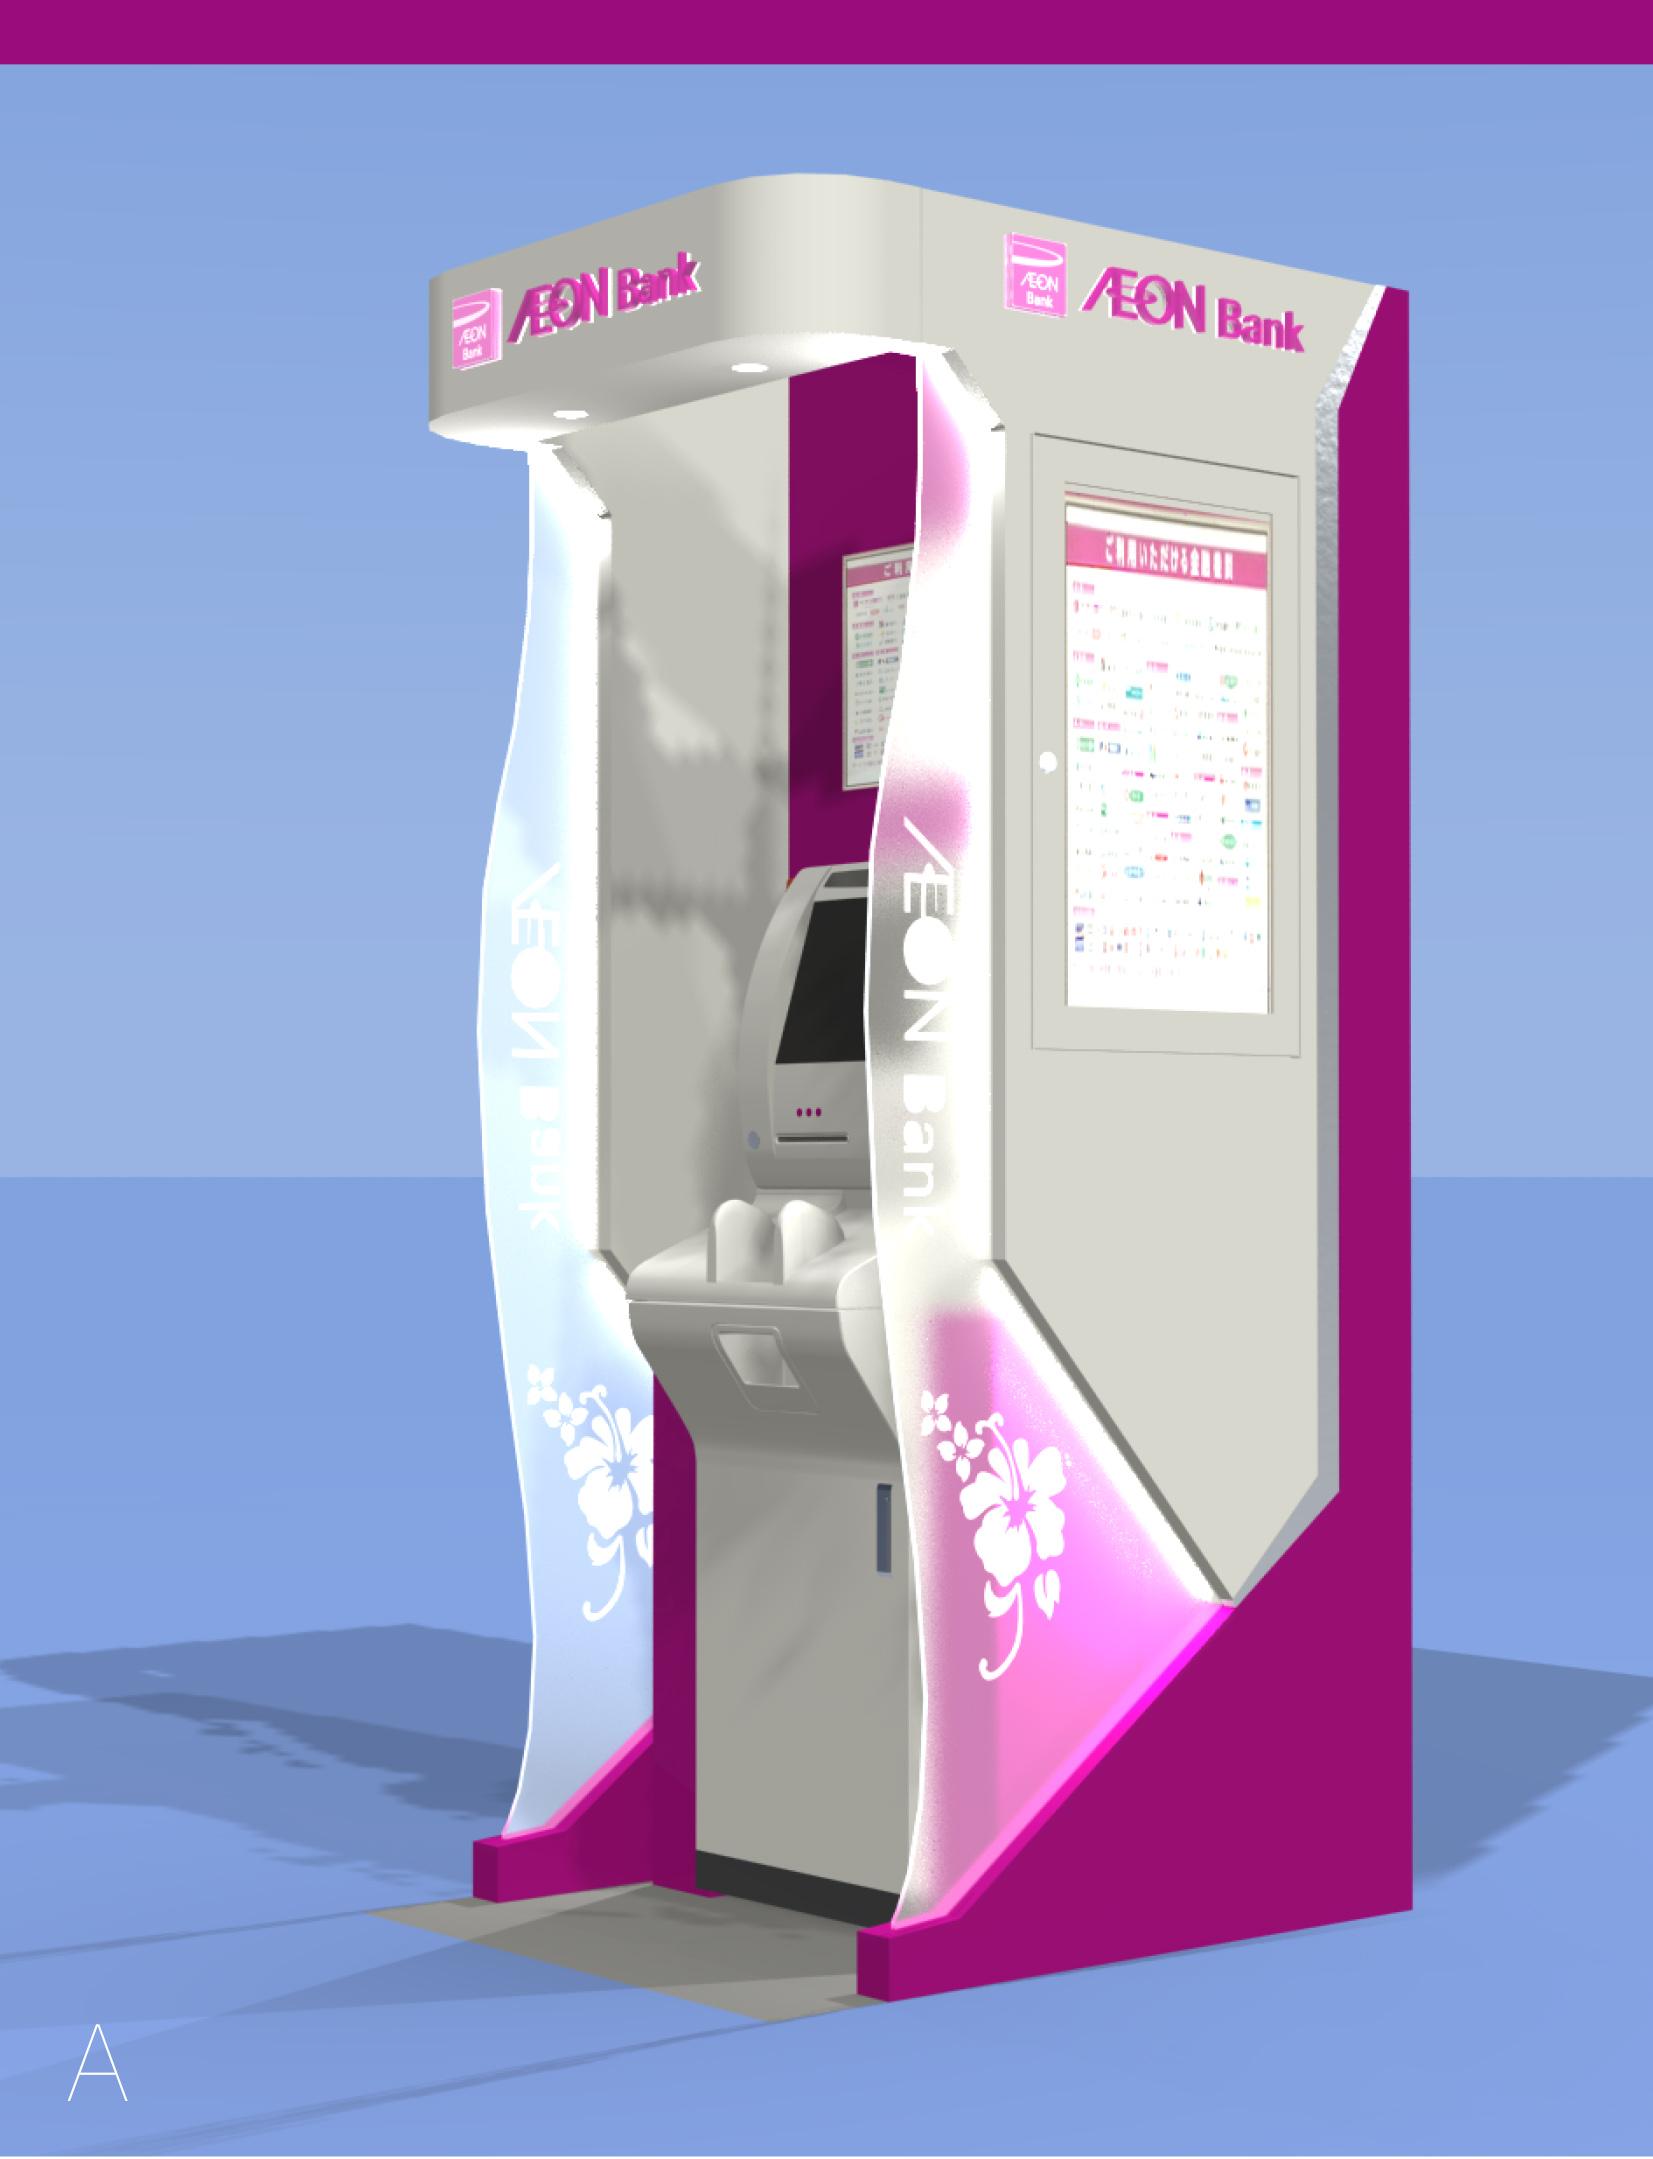 沖縄ATMブース提案A